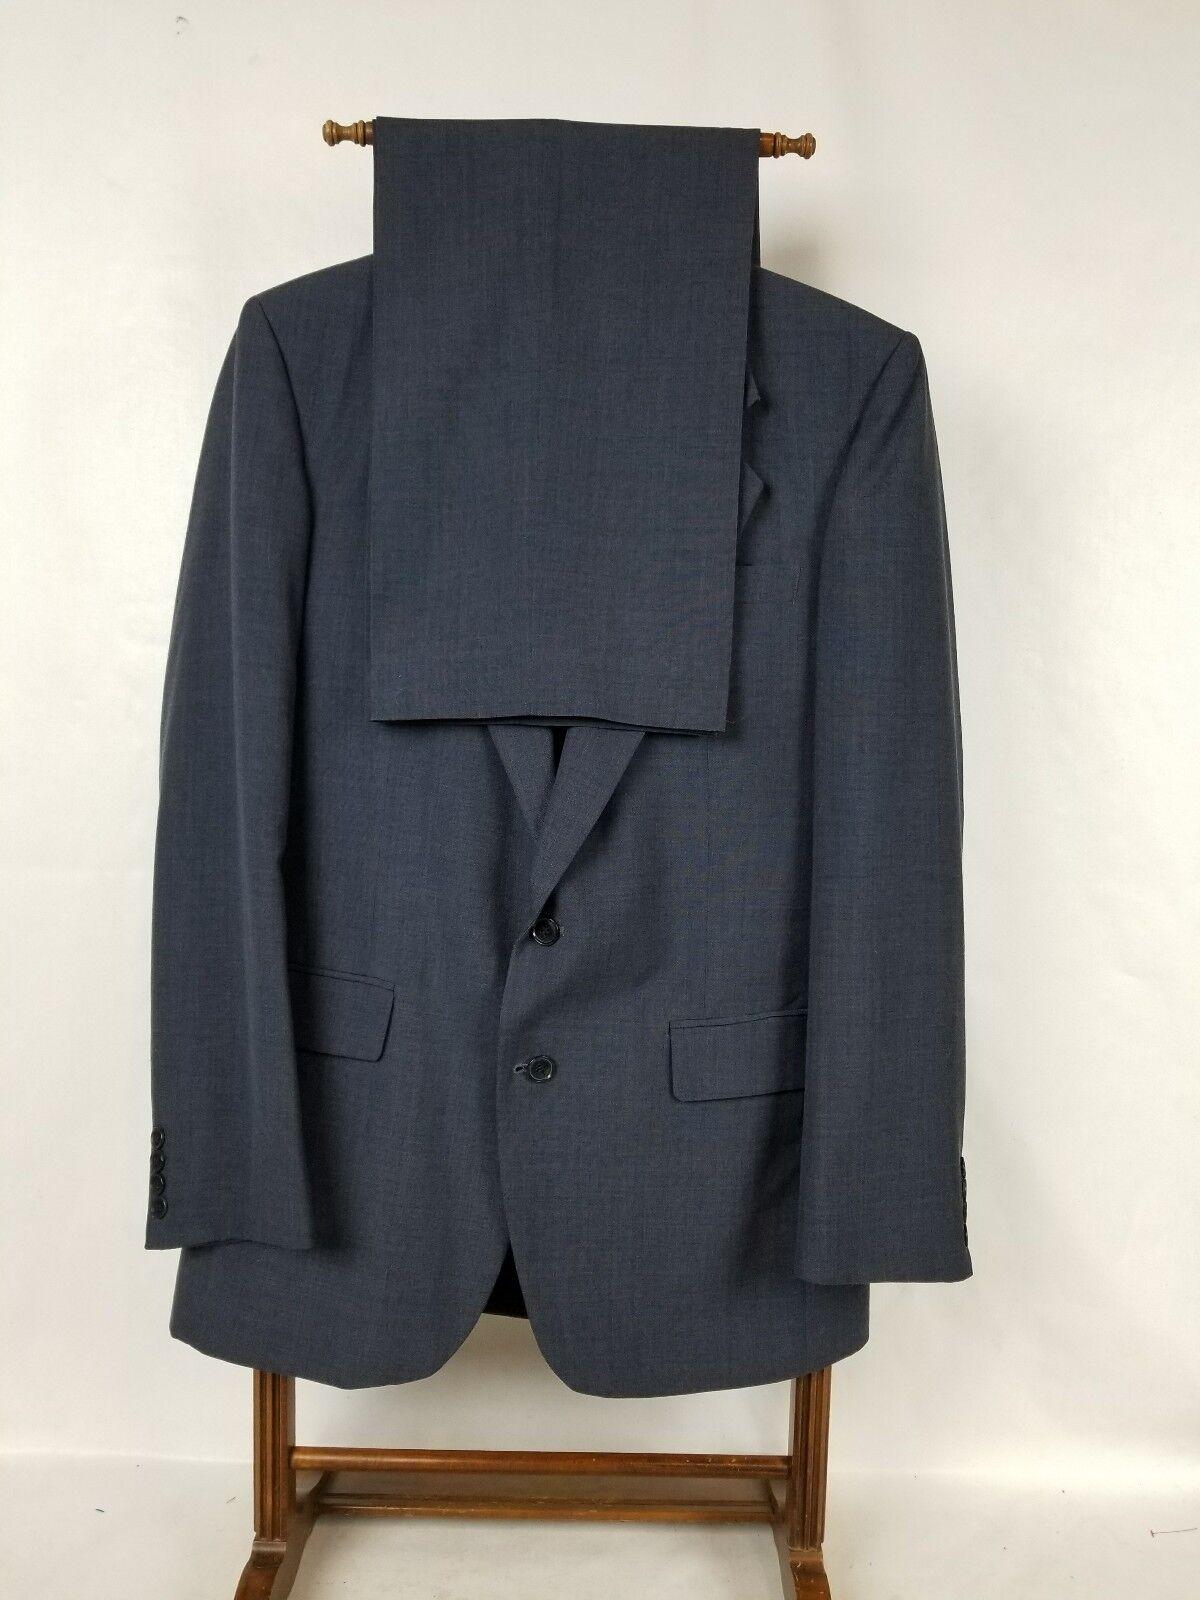 FARAH CLOTHING CO Herren SIZE 40L Blau SUIT PANTS W32X29.5